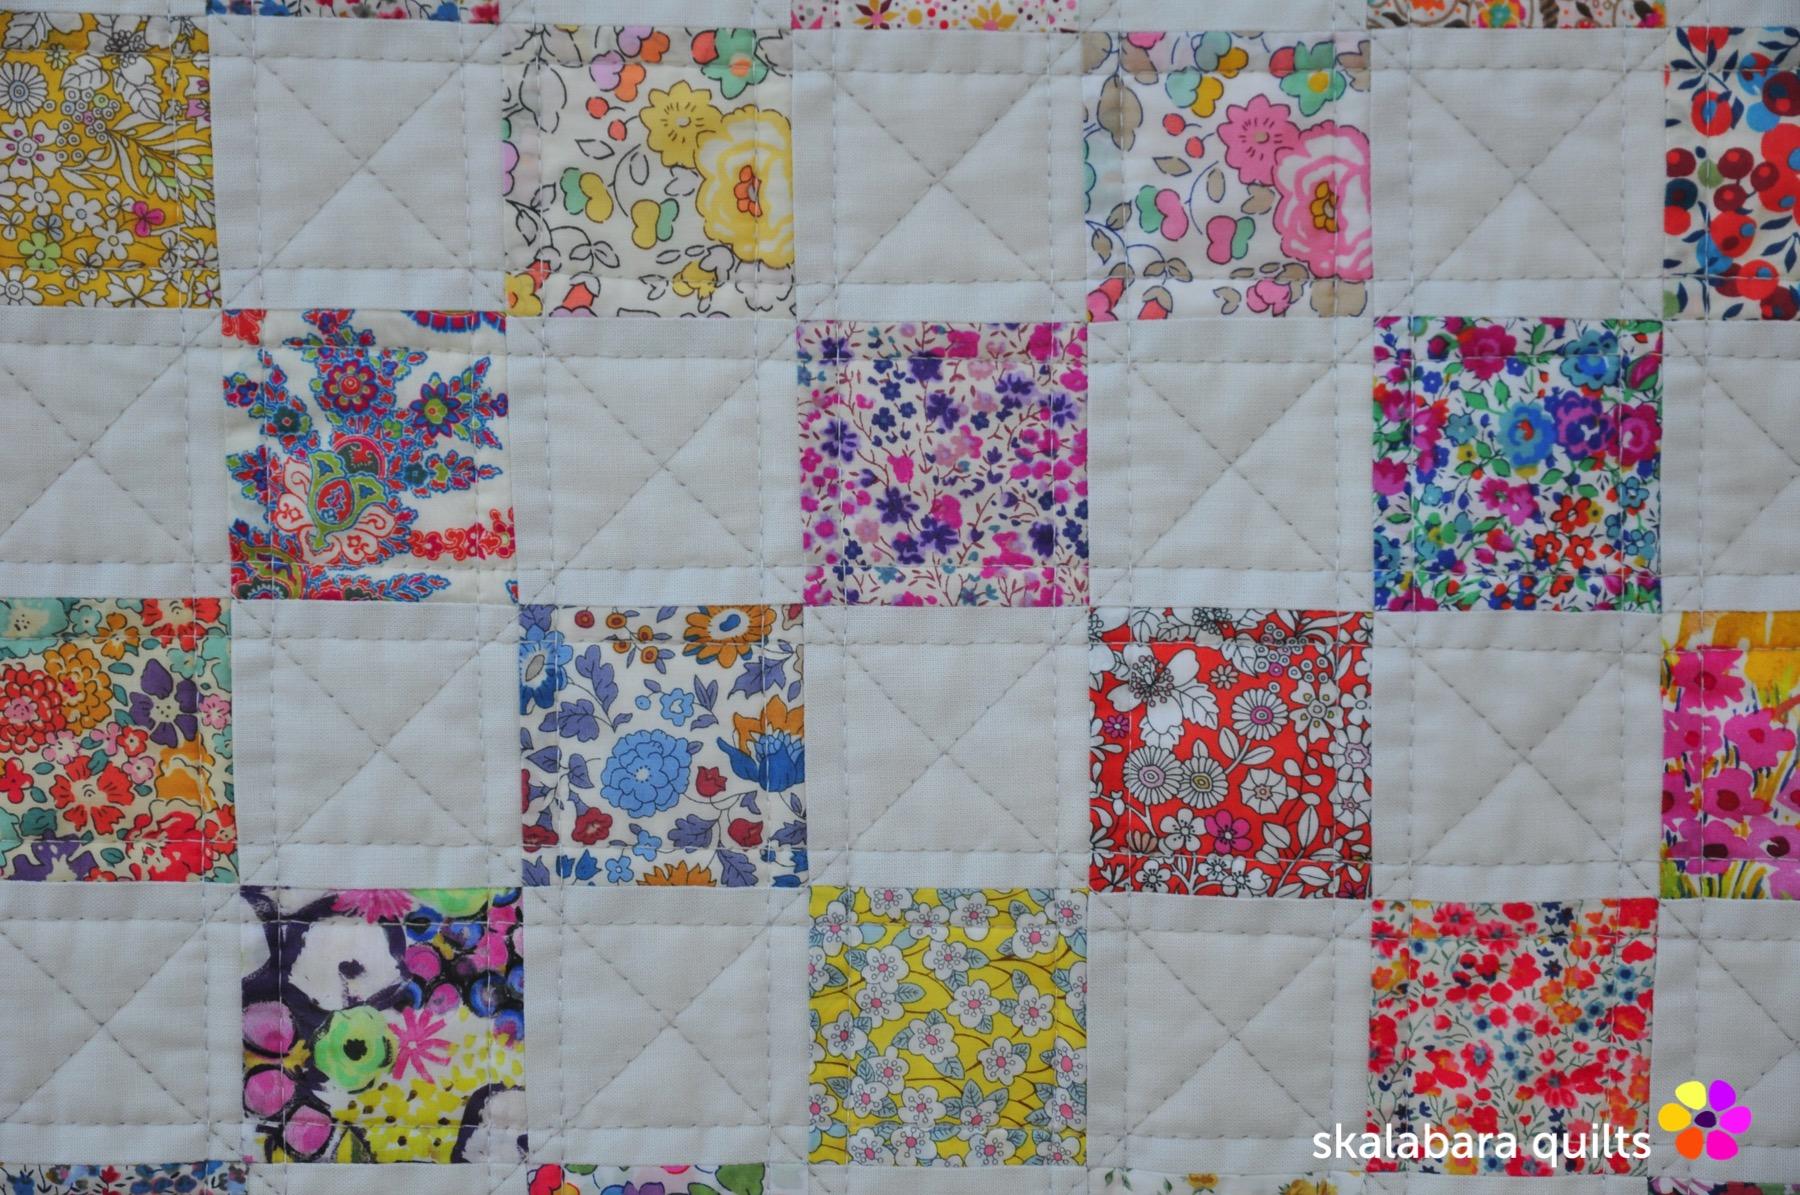 liberty checkered quilt detail 1 - skalabara quilts